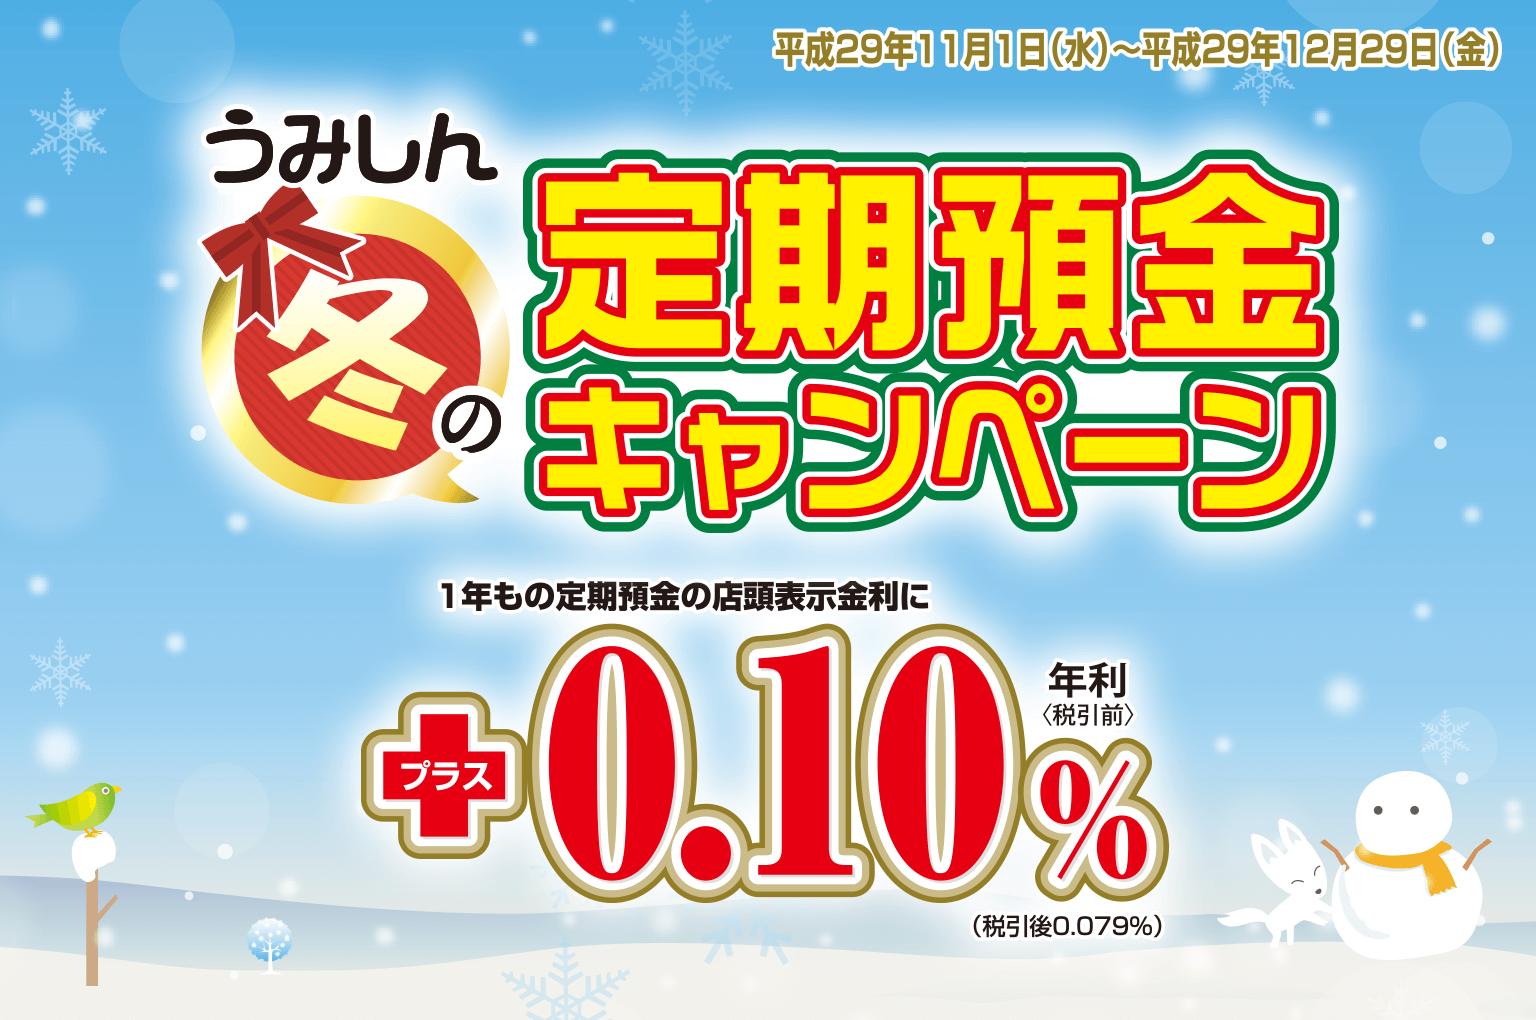 冬季定期預金キャンペーン